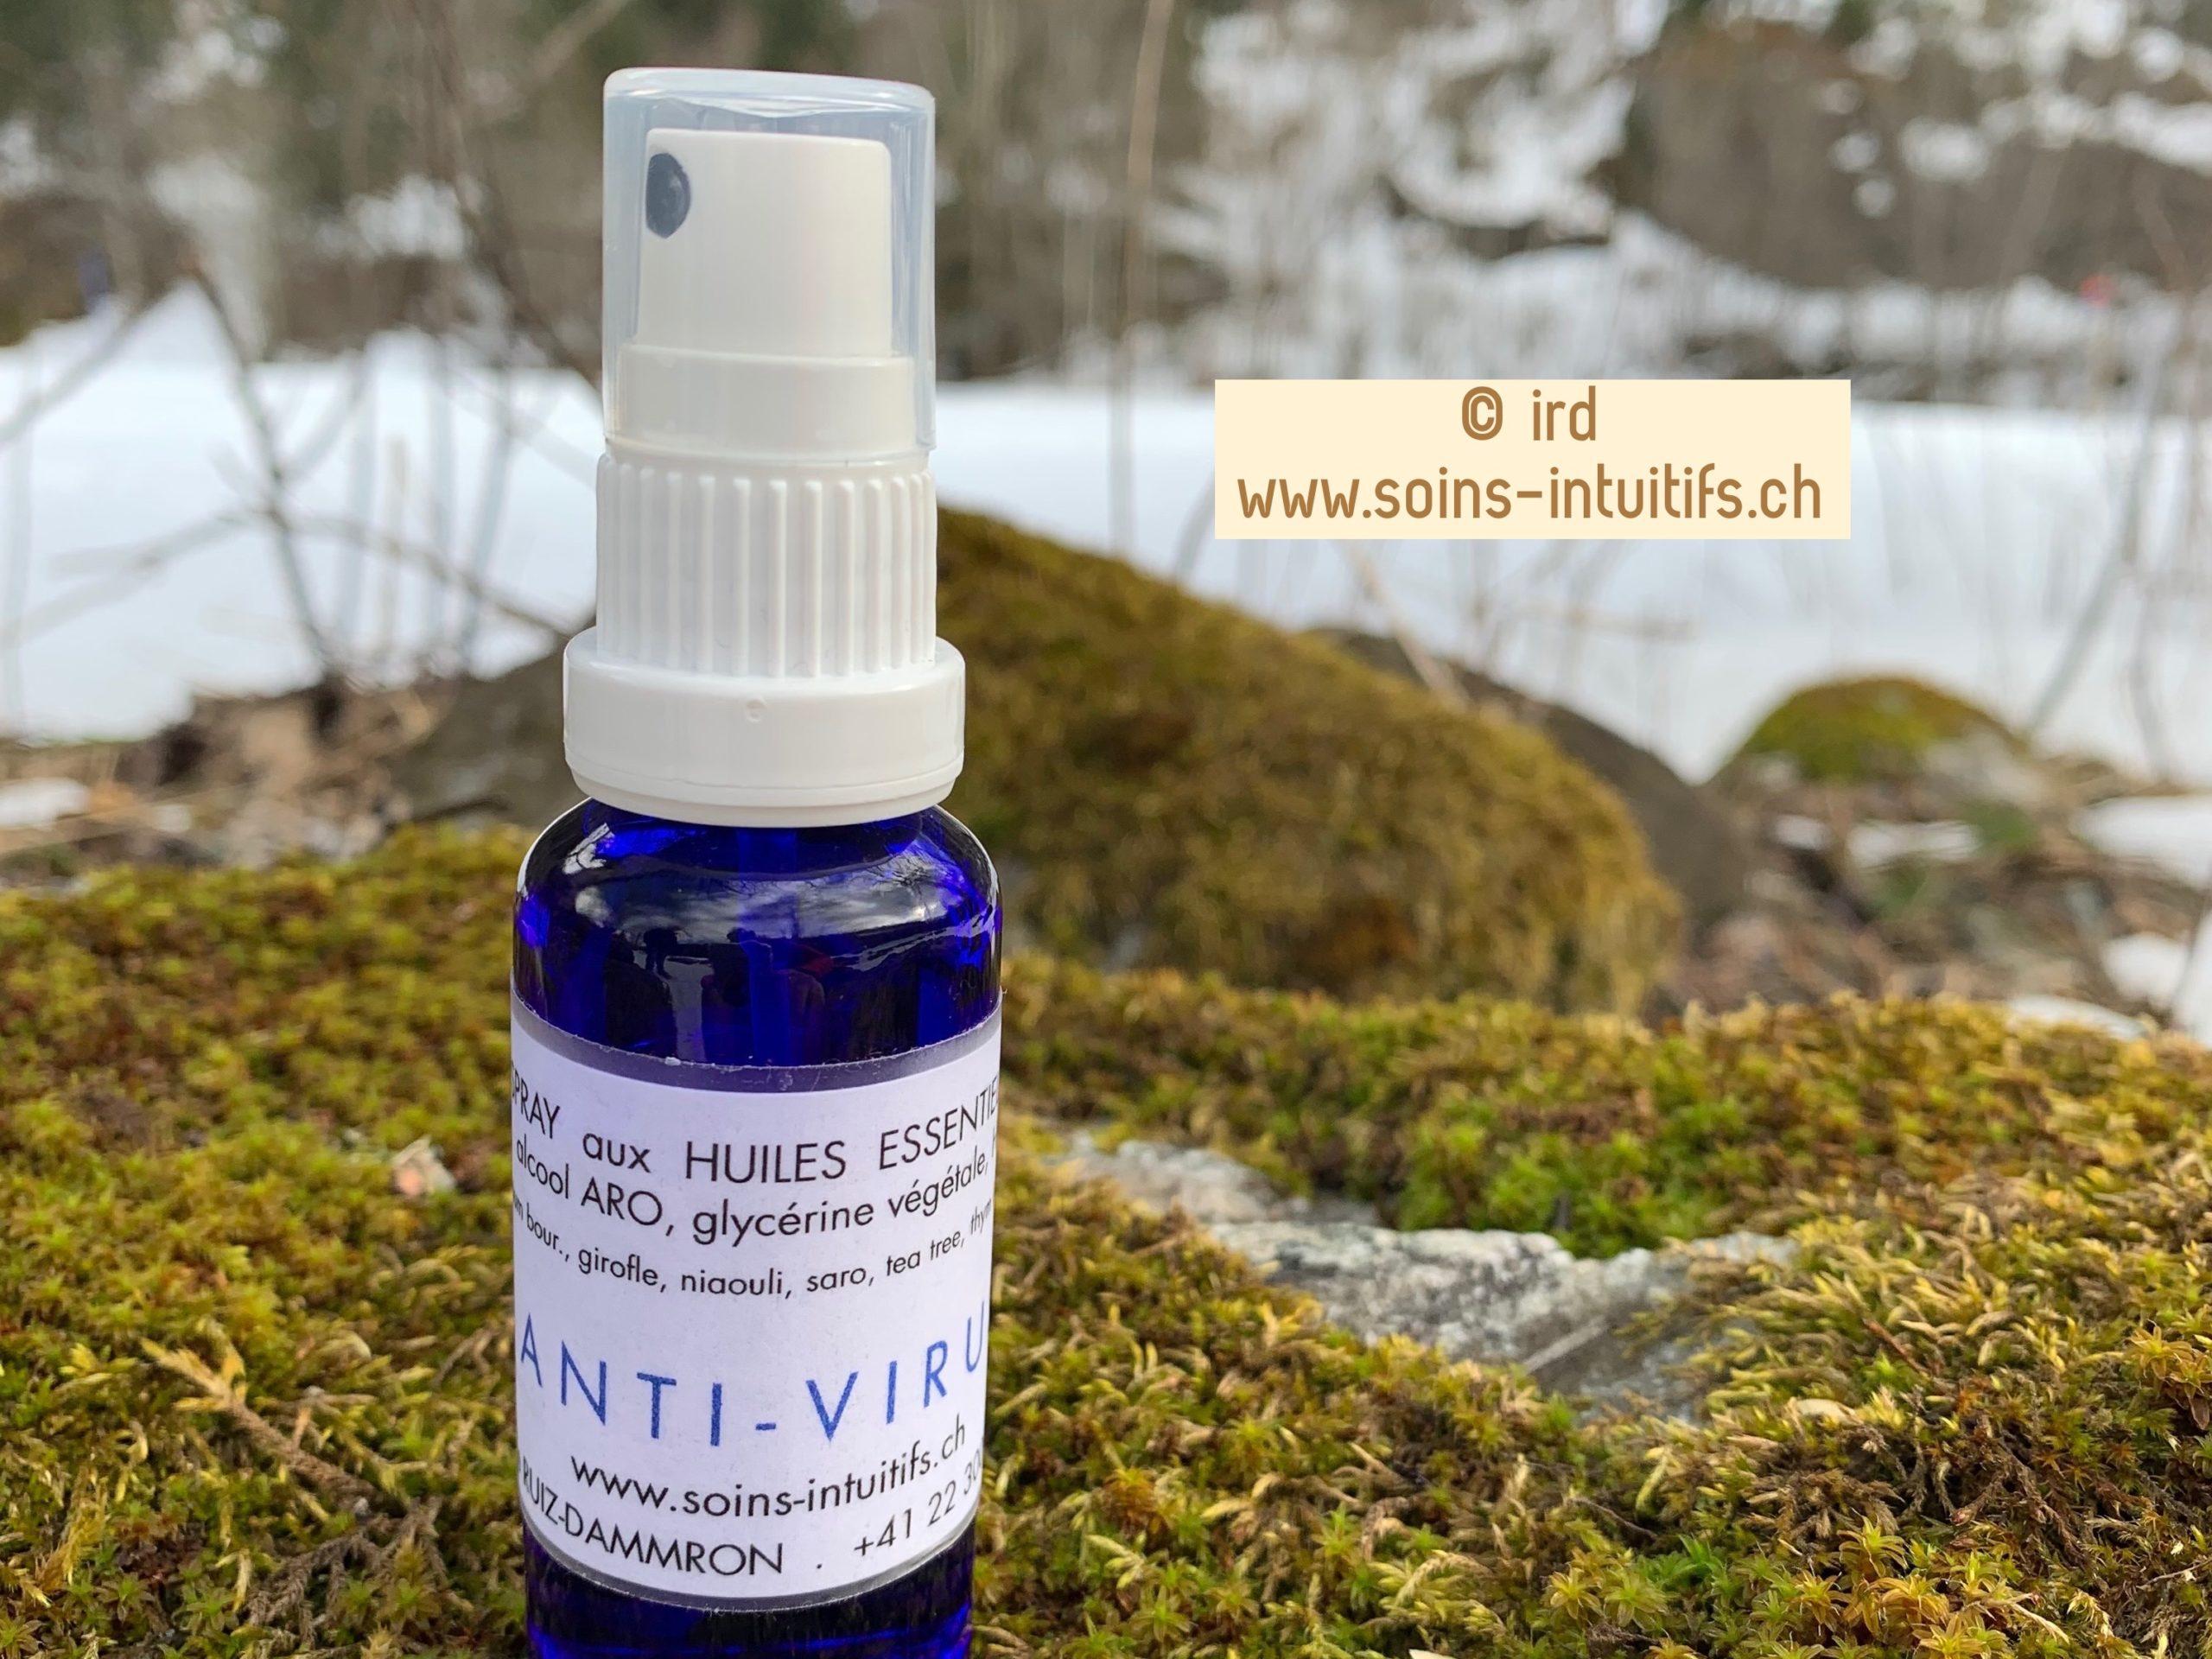 Spray aux huiles essentielles anti-virus